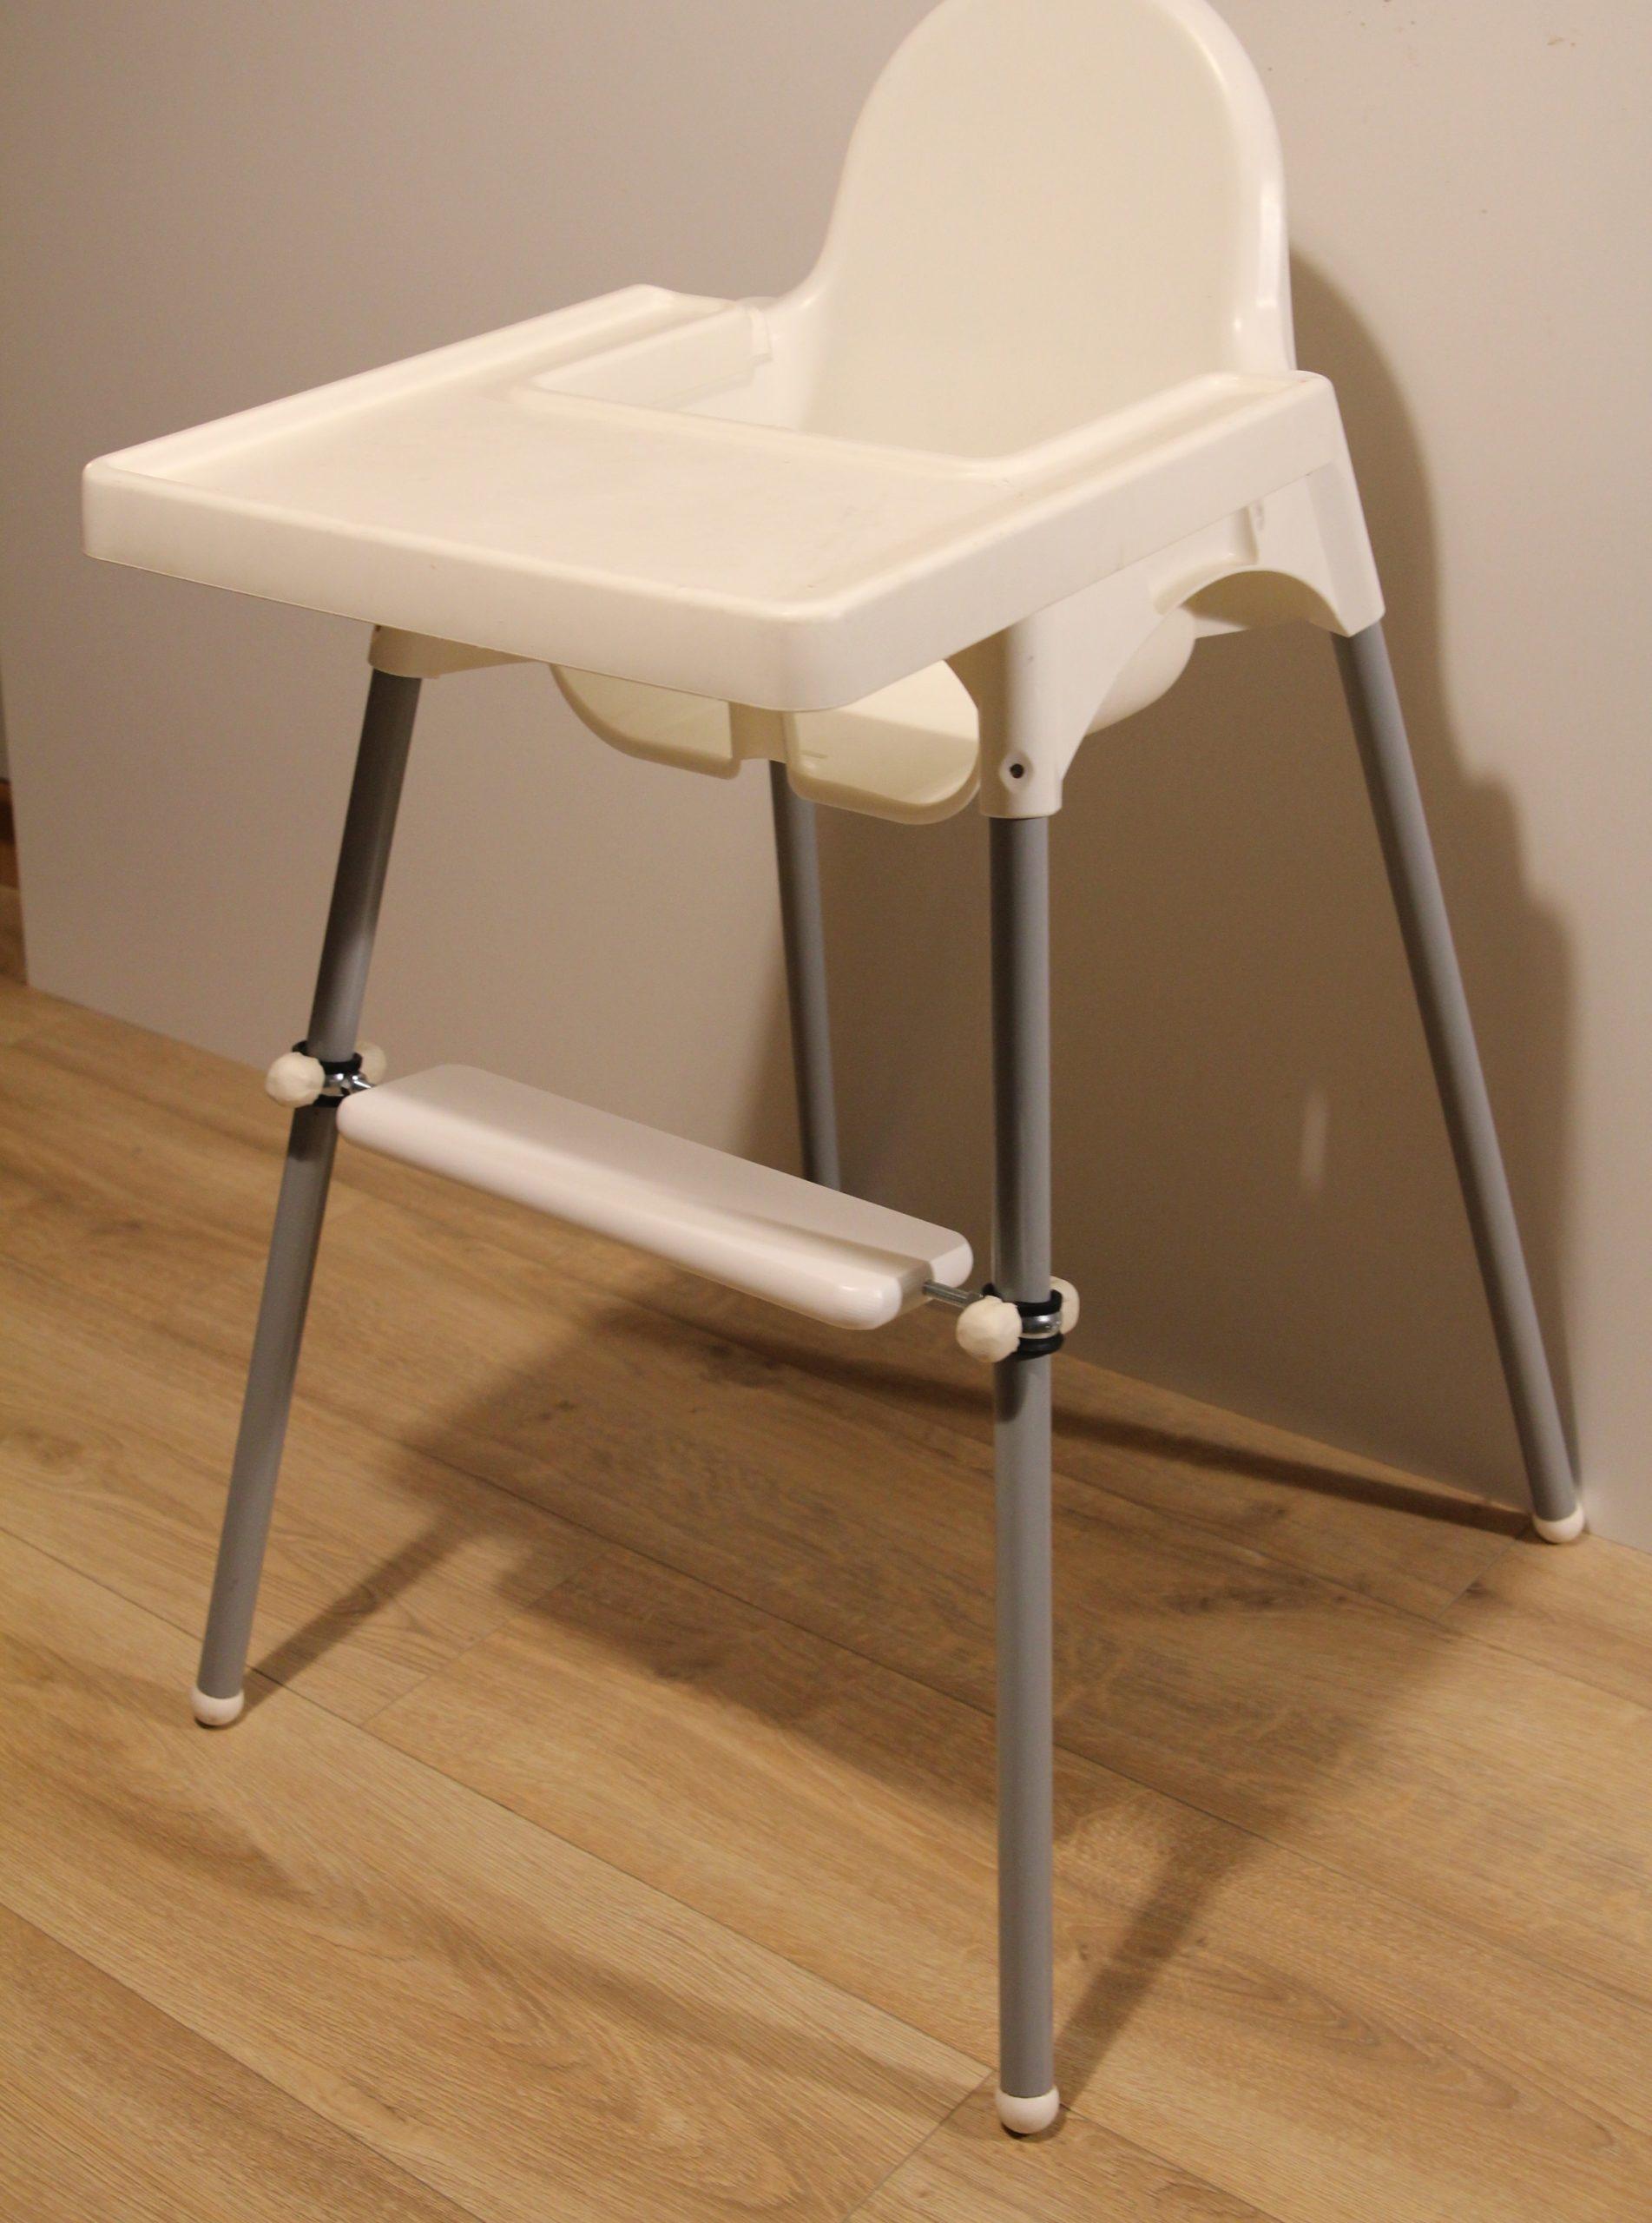 Obracany podnóżek do krzesełka Ikea Antilop – Aduu.pl